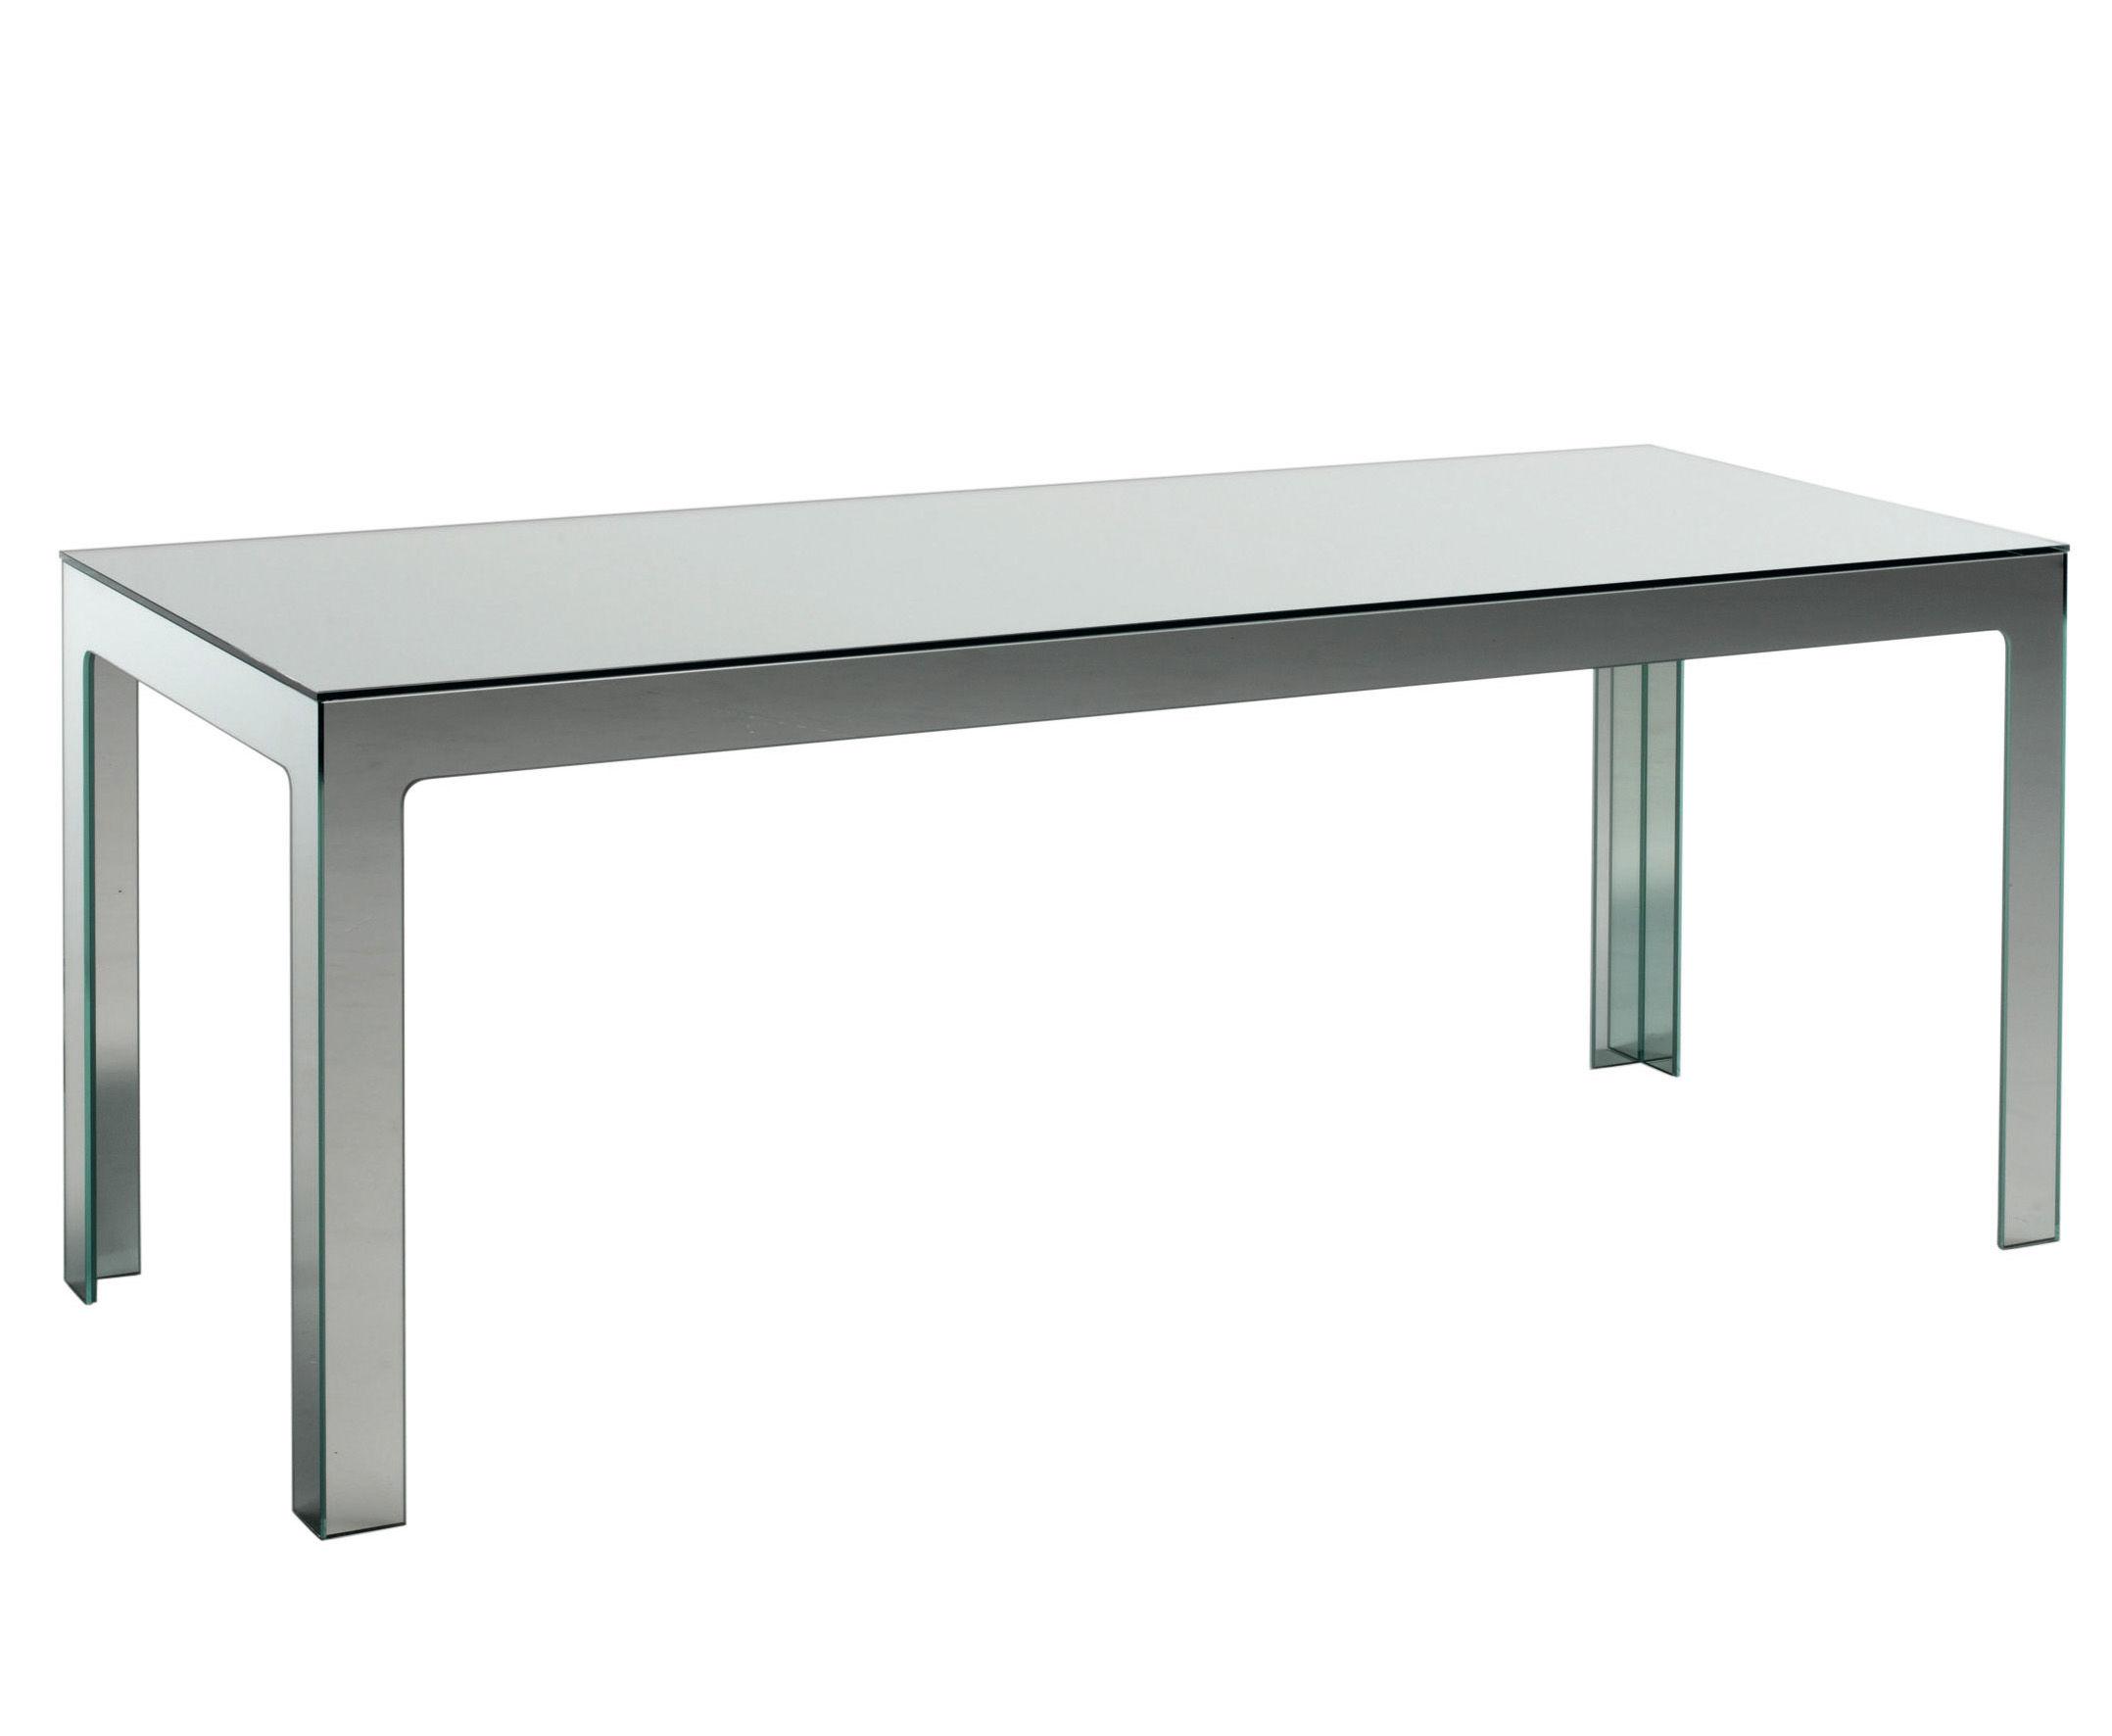 Möbel - Tische - Mirror Mirror rechteckiger Tisch 200 x 80 cm - Glas Italia - Spiegeloberfläche - Spiegel-Finish